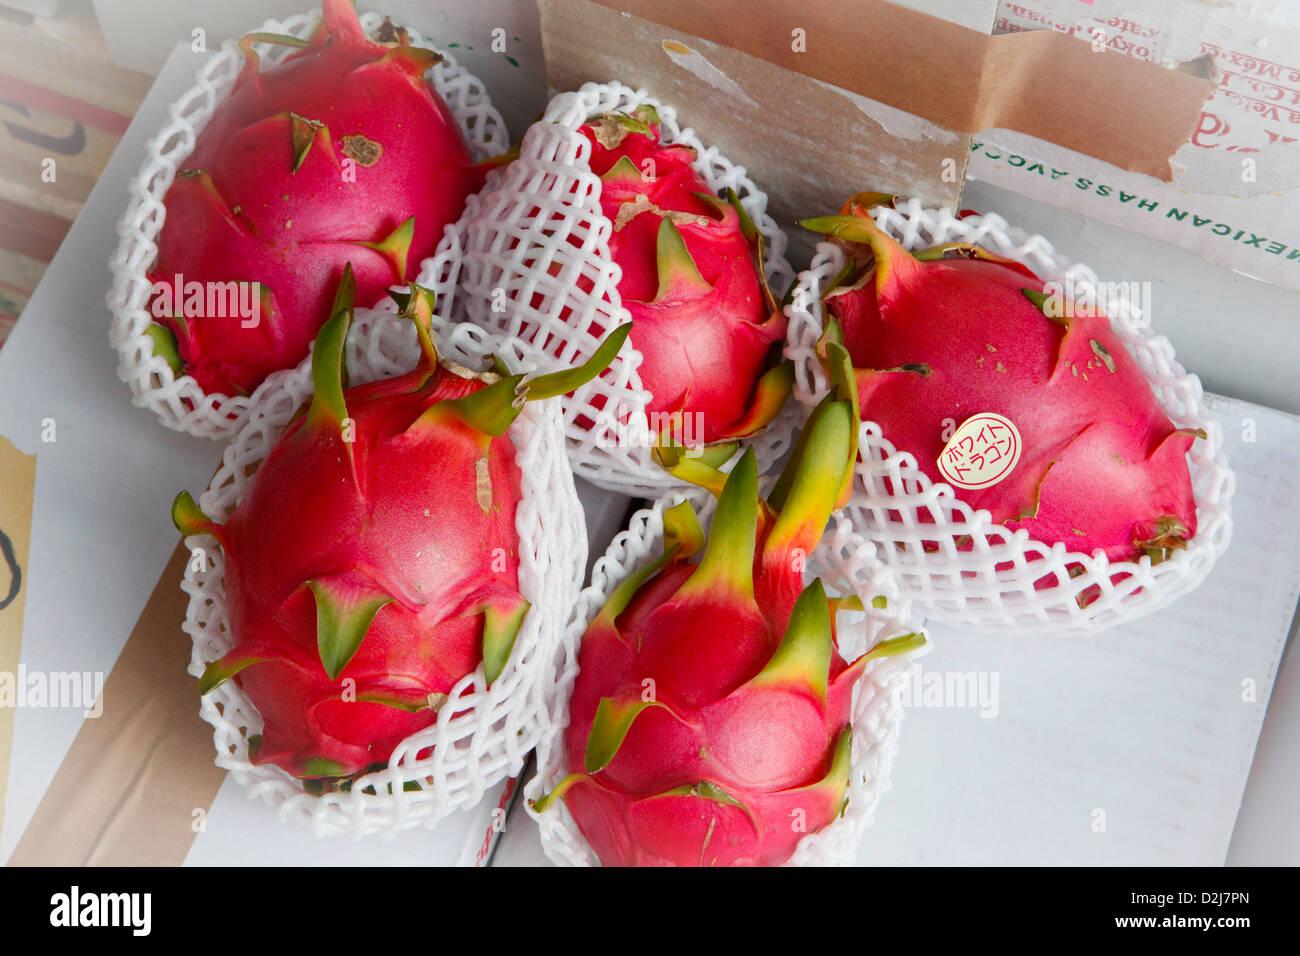 Pitaya fruit, Tokyo, Japan - Stock Image